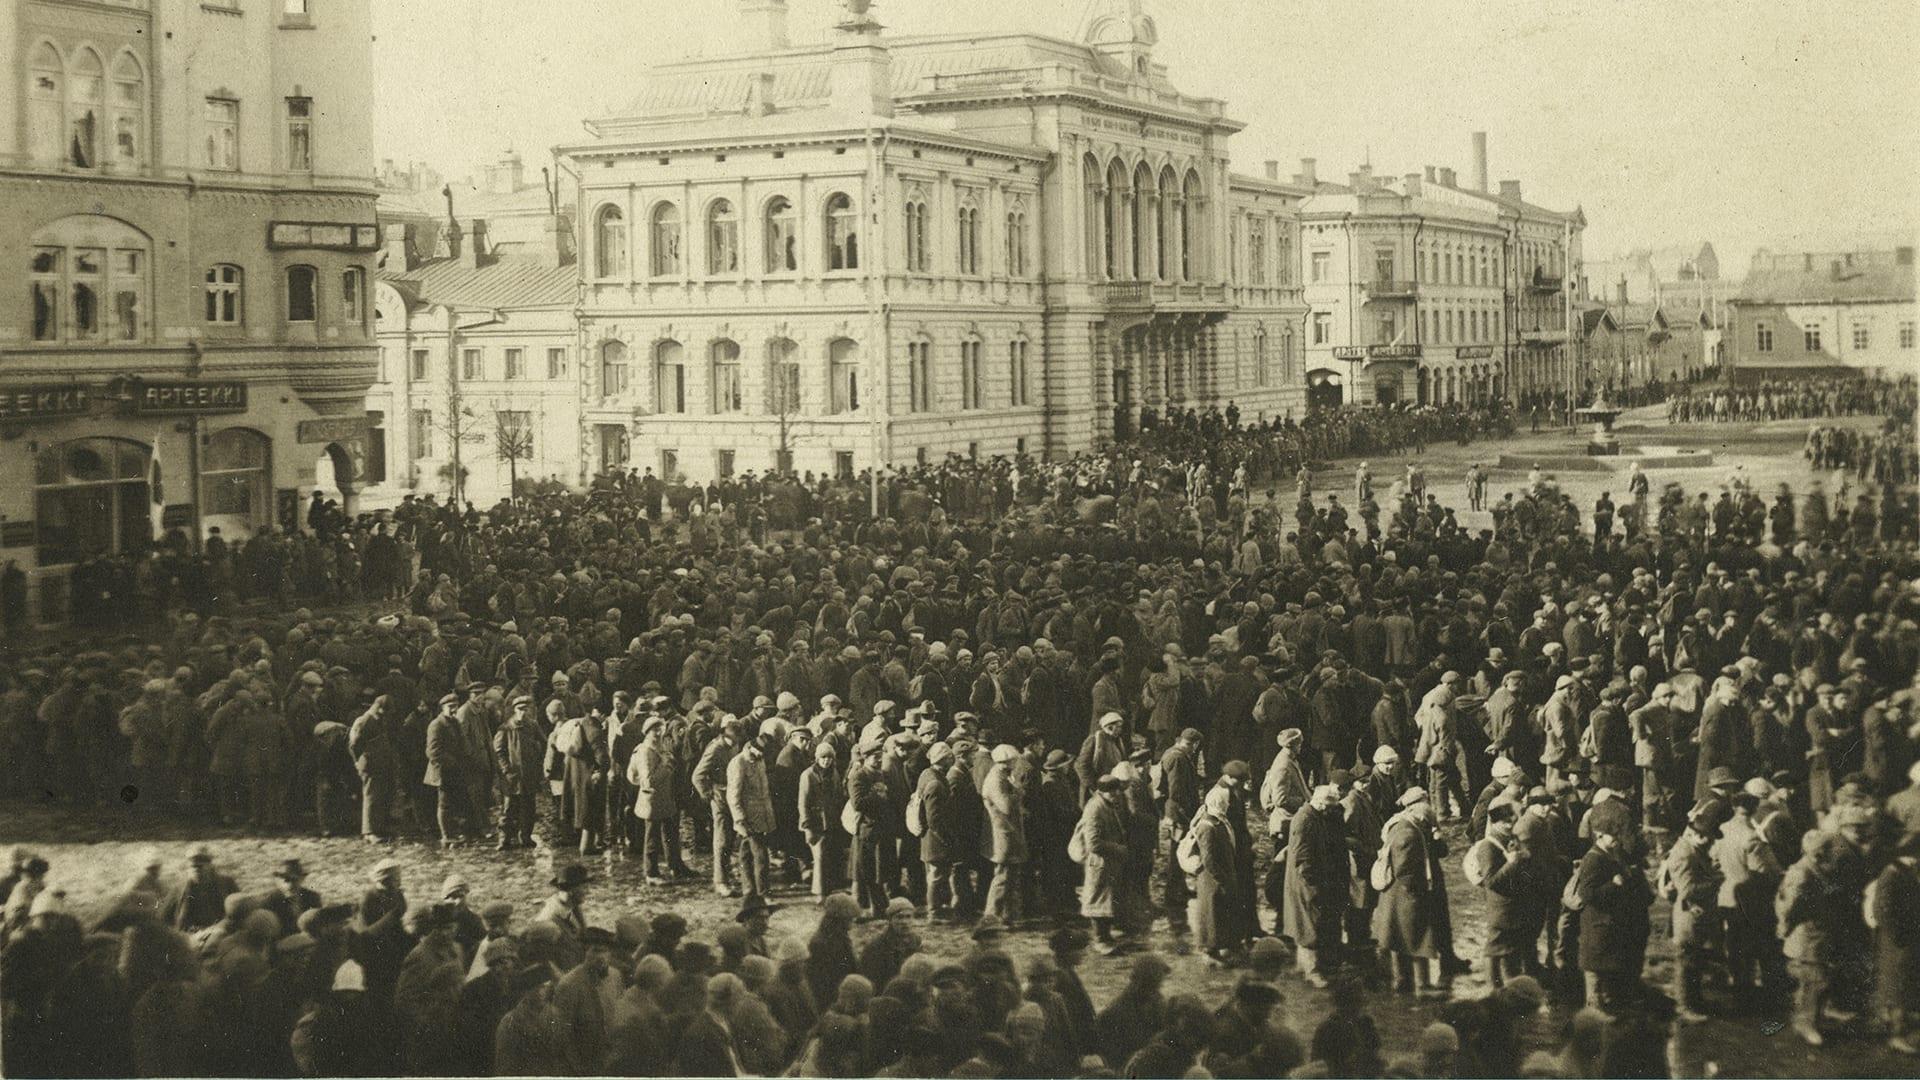 Katsojat taputtivat teloituksille (Arvo Sepänmaa, Vilppula) | Sisällissota 1918 - punaiset ...